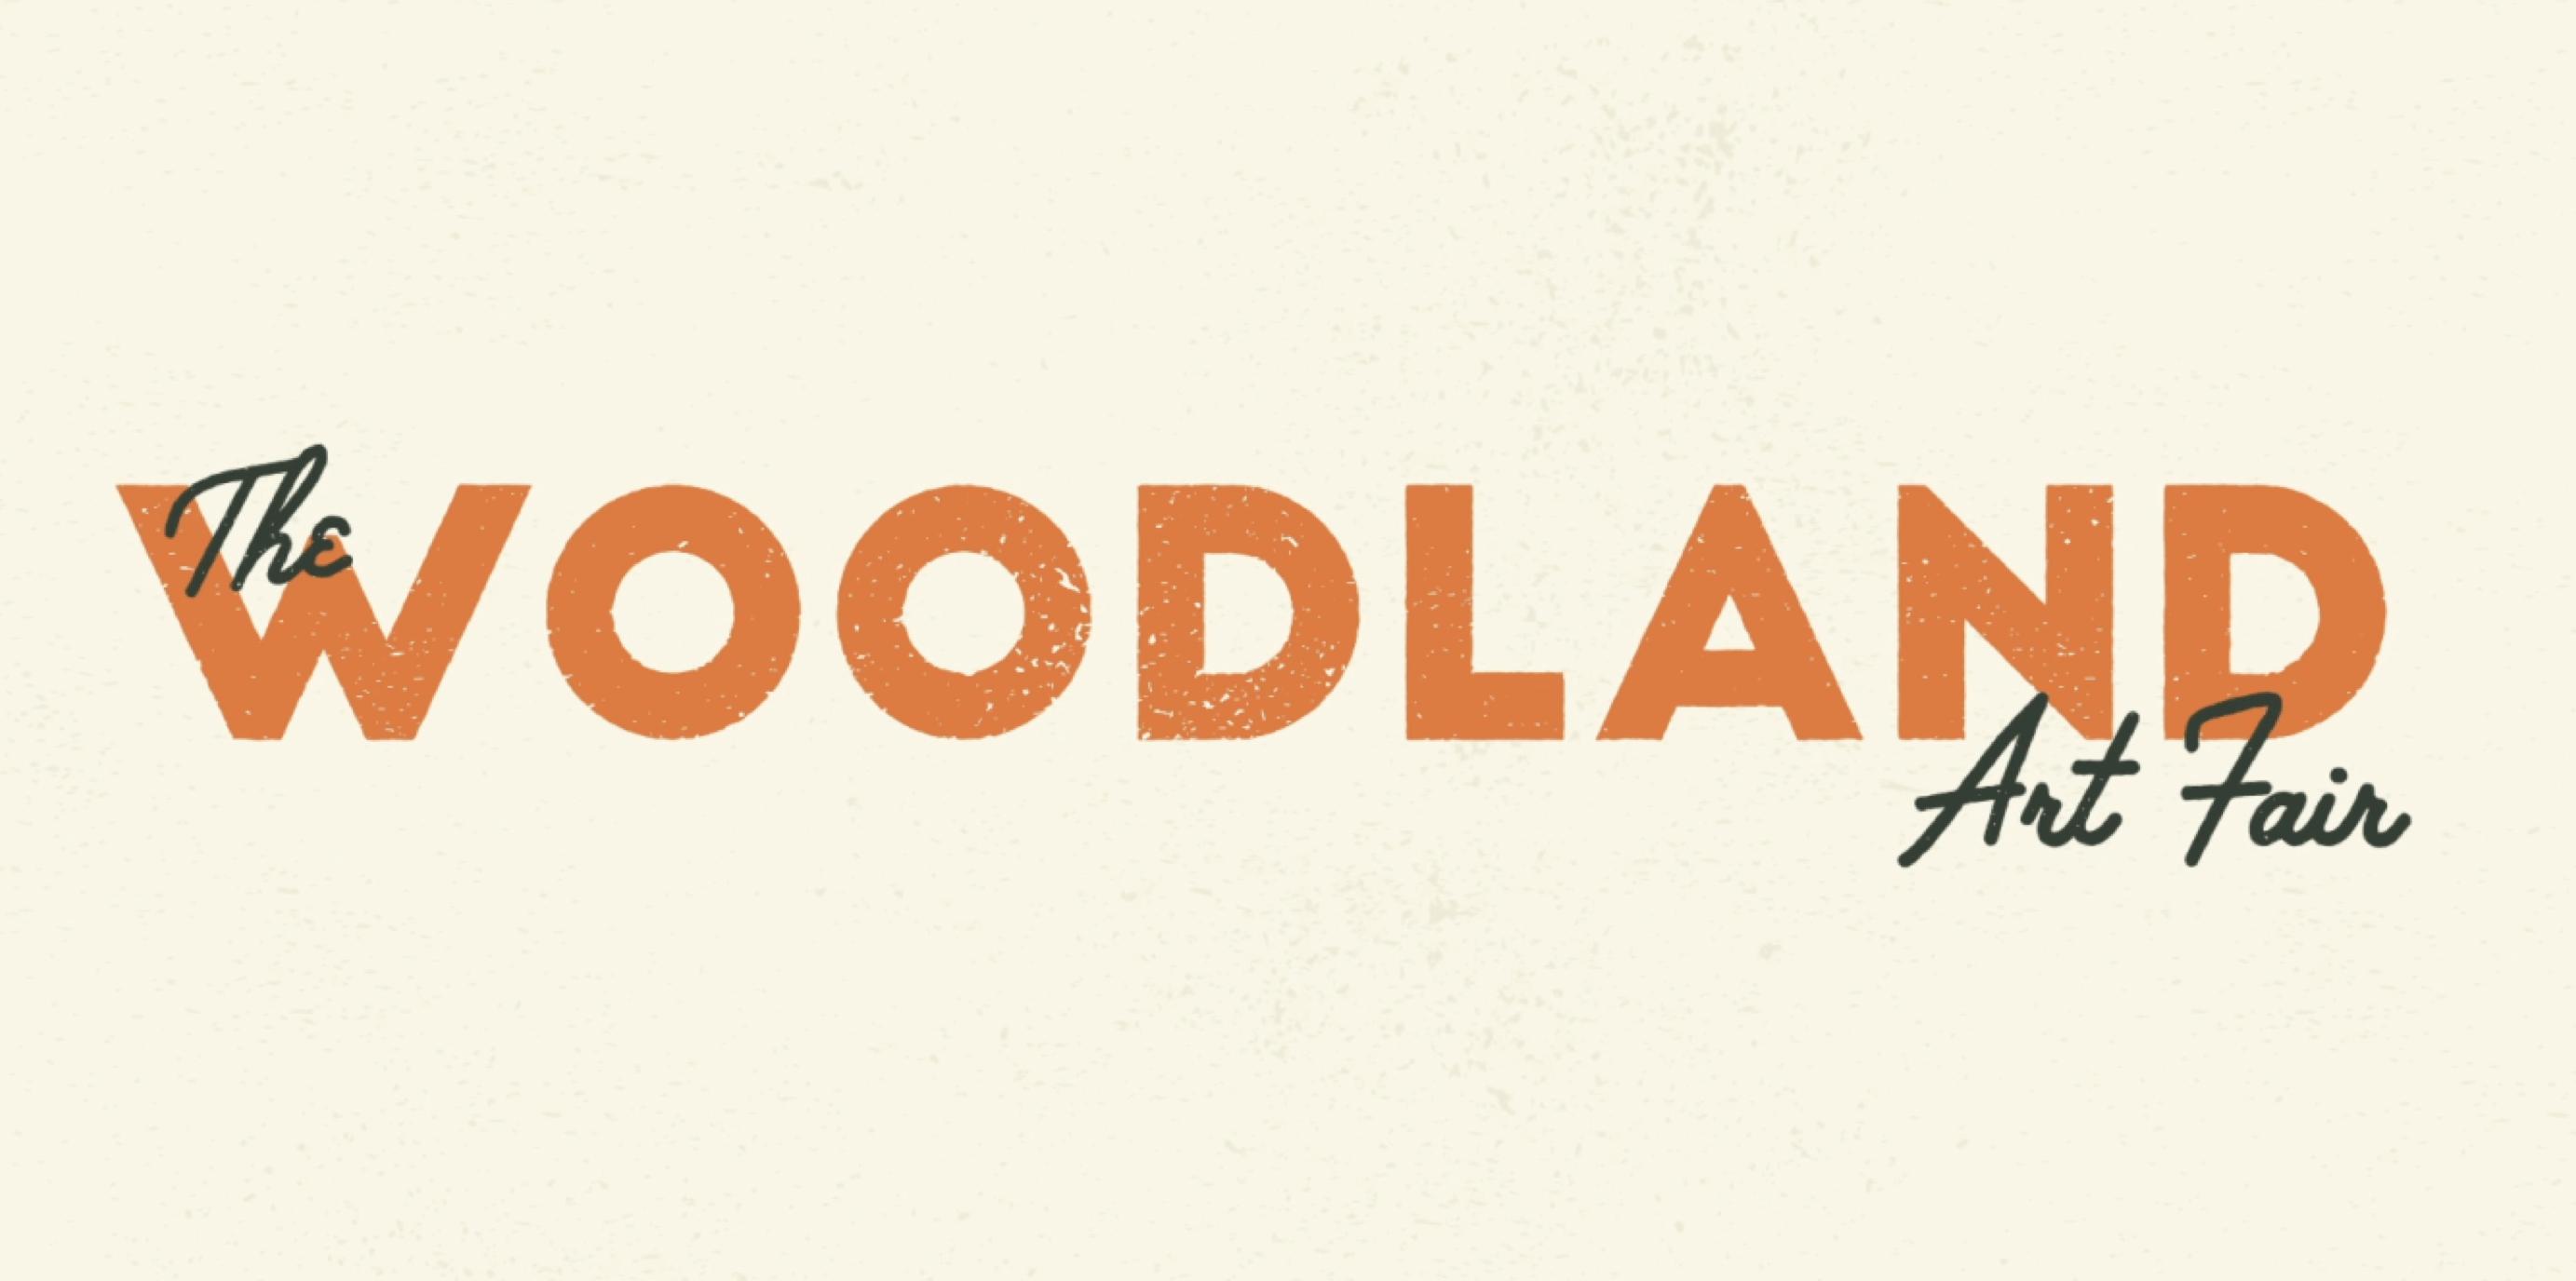 Woodland Art Fair Animation